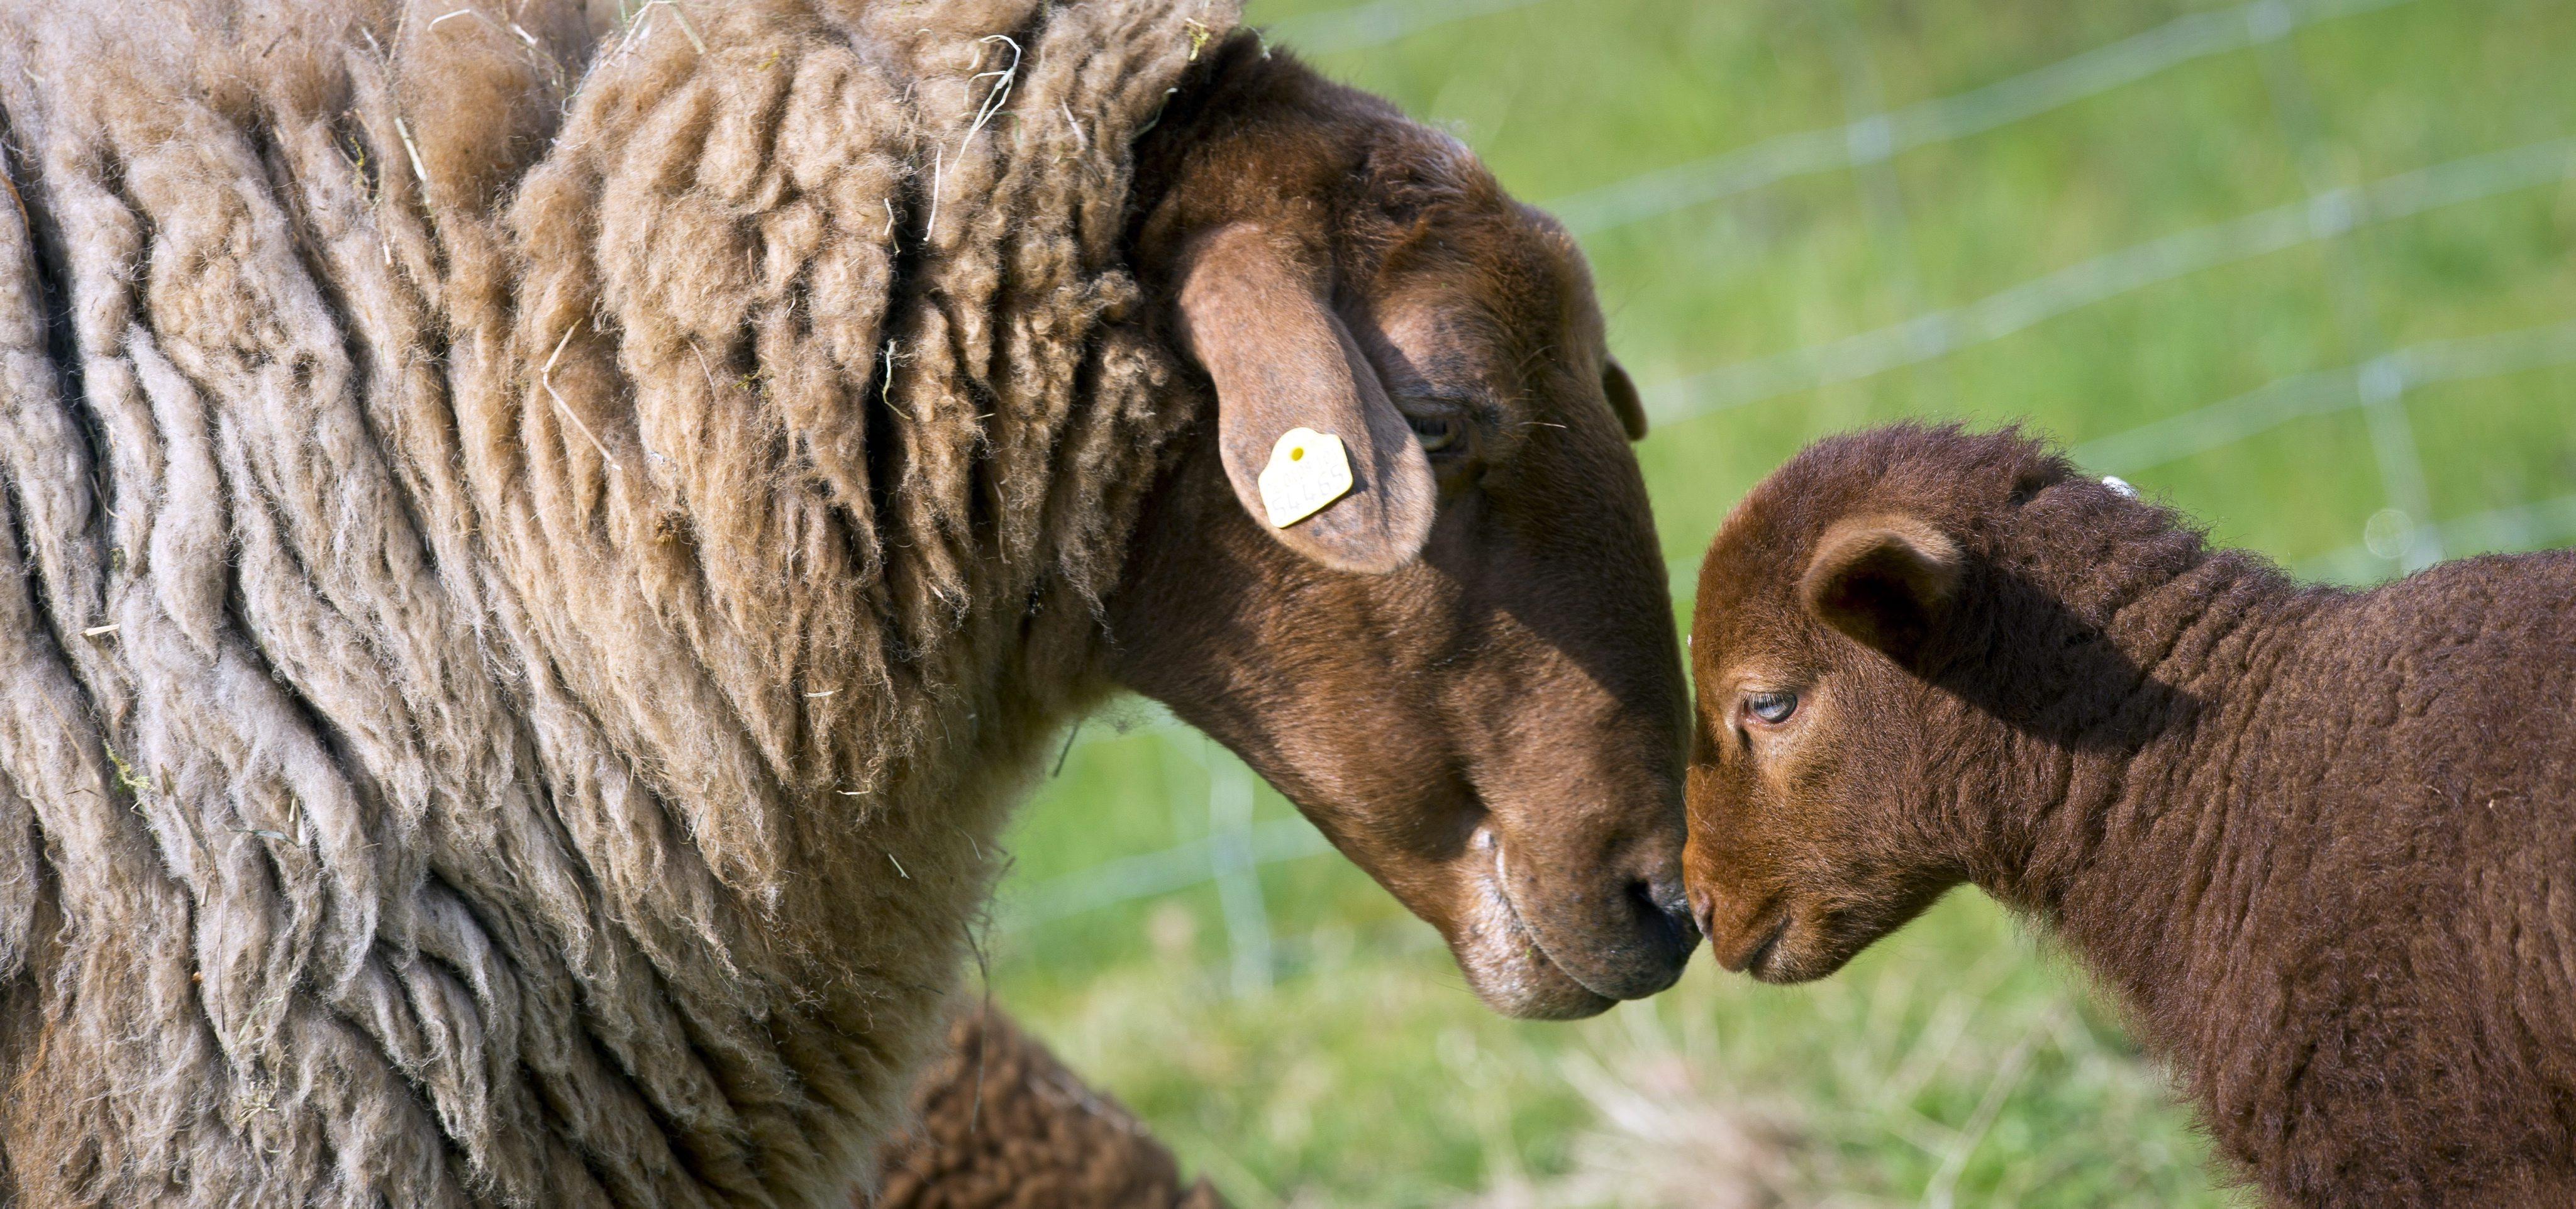 Овцете ще съобщават за нападения с SMS-и